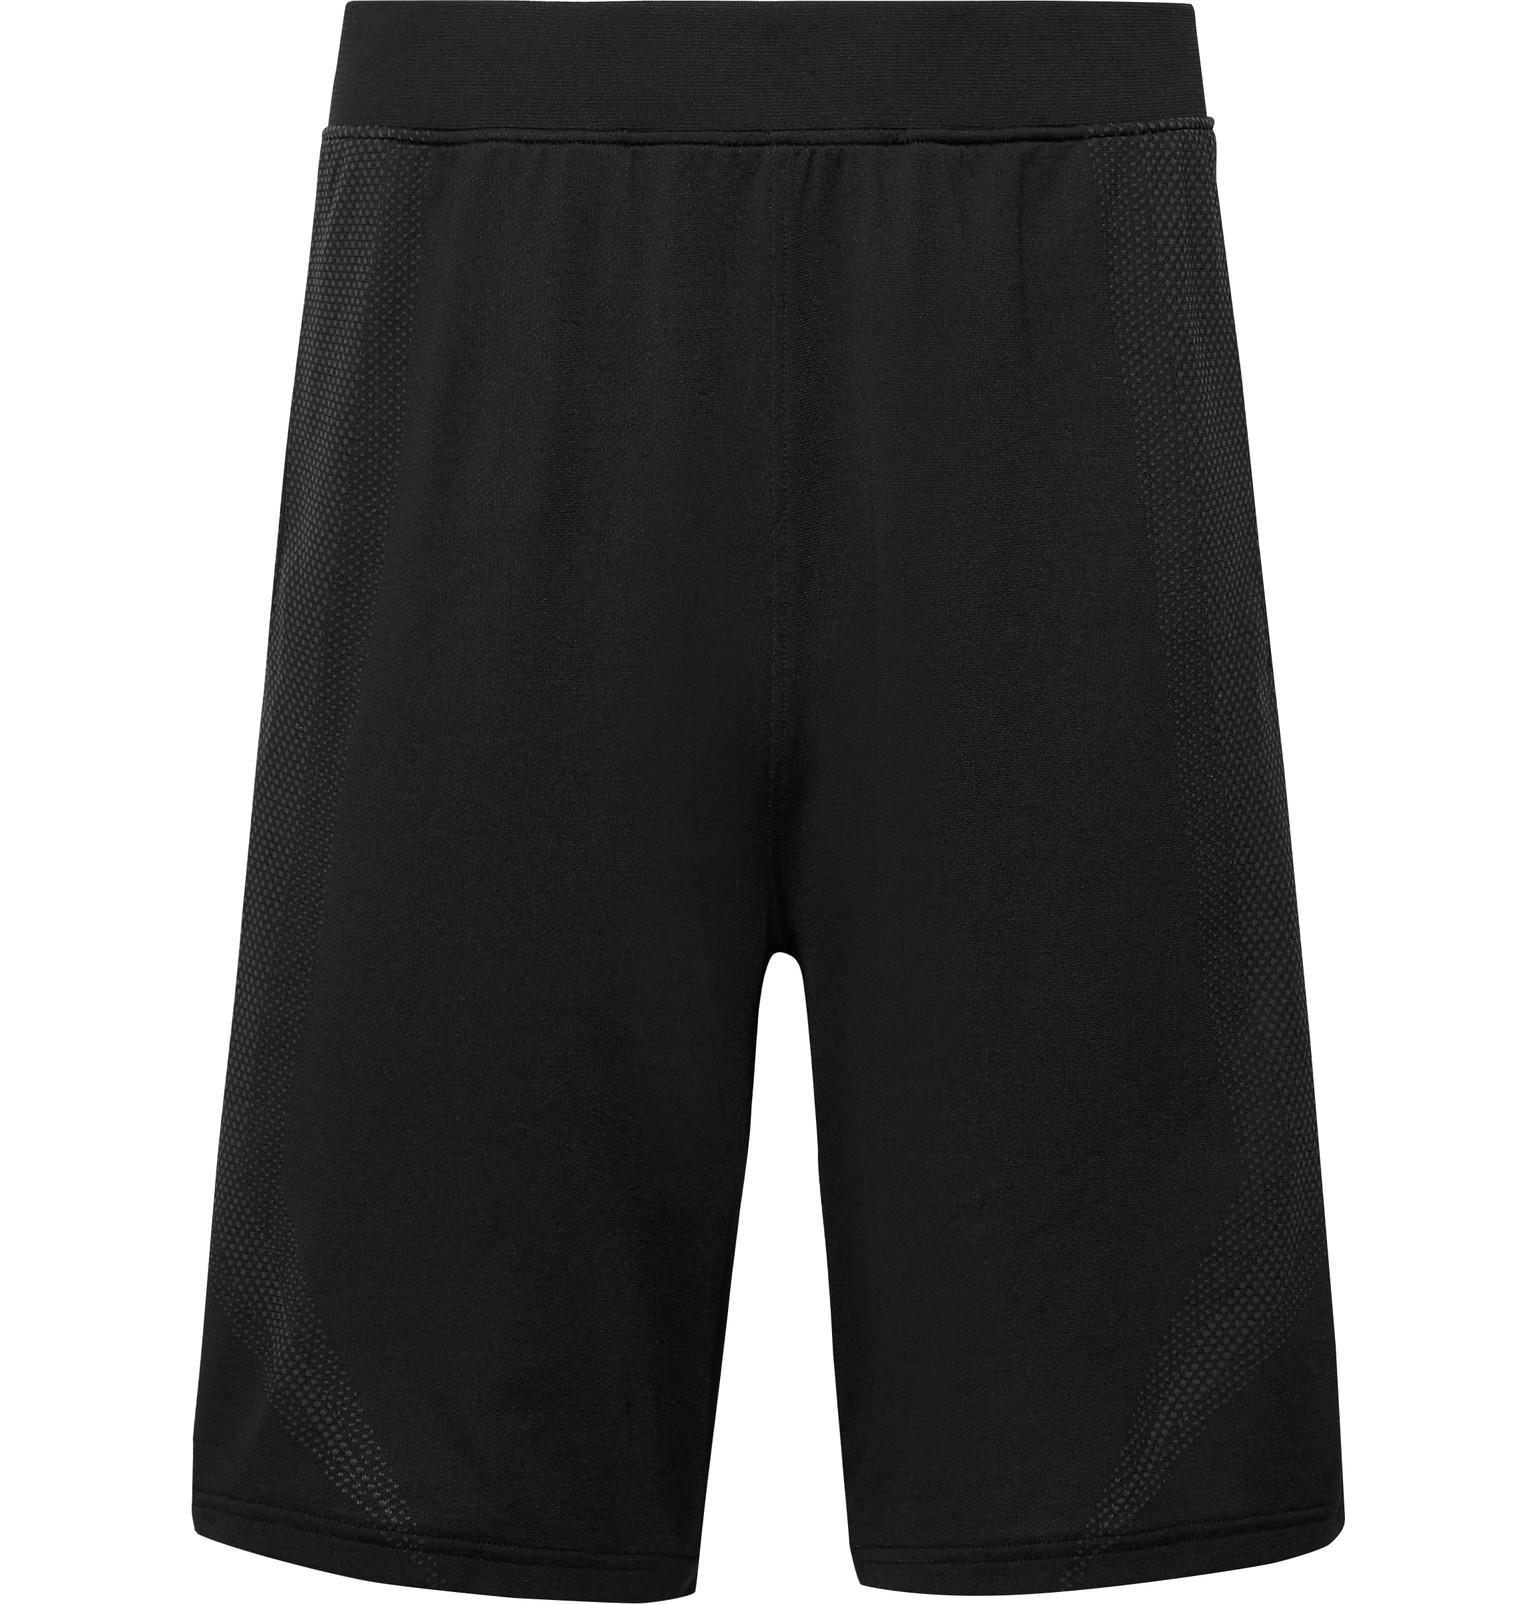 Seamless Heatgear Shorts Under Armour ByGqpIqMN